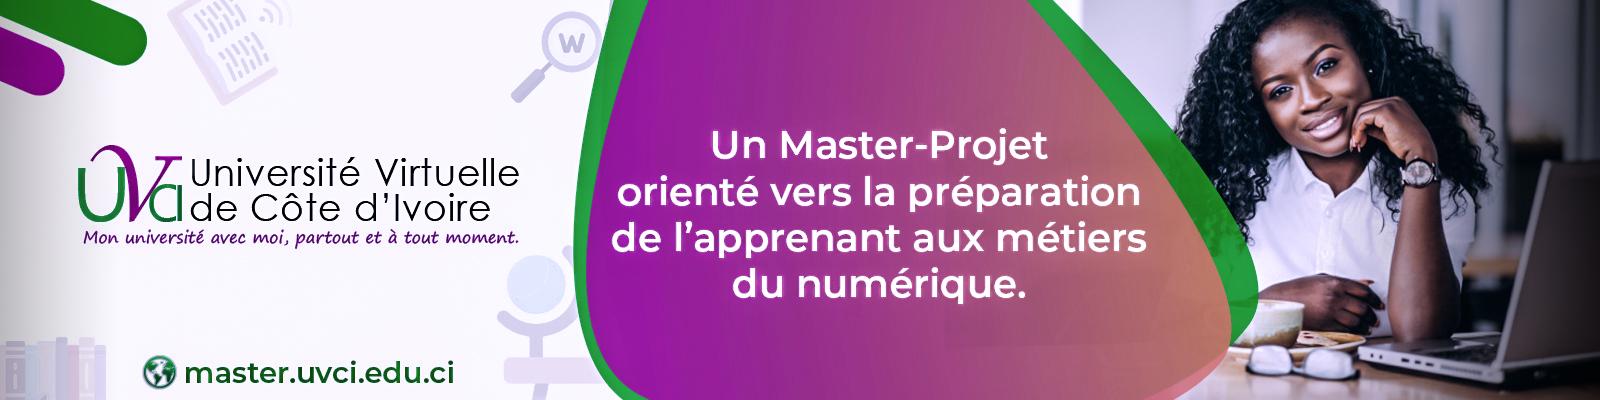 Banniere Master.jpg